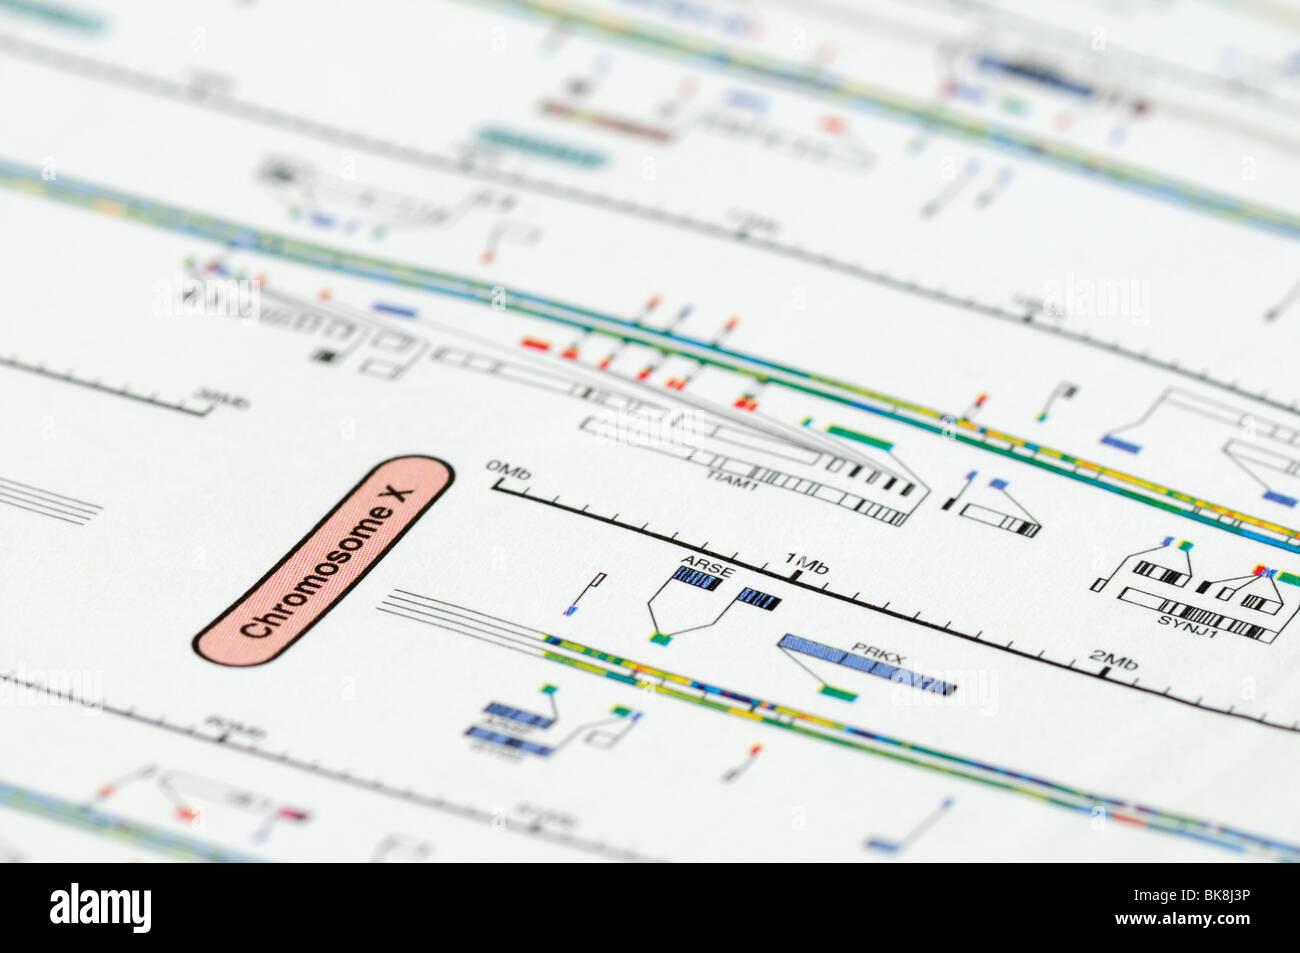 Genoma umano mappa focalizzata sul cromosoma X. Immagini Stock